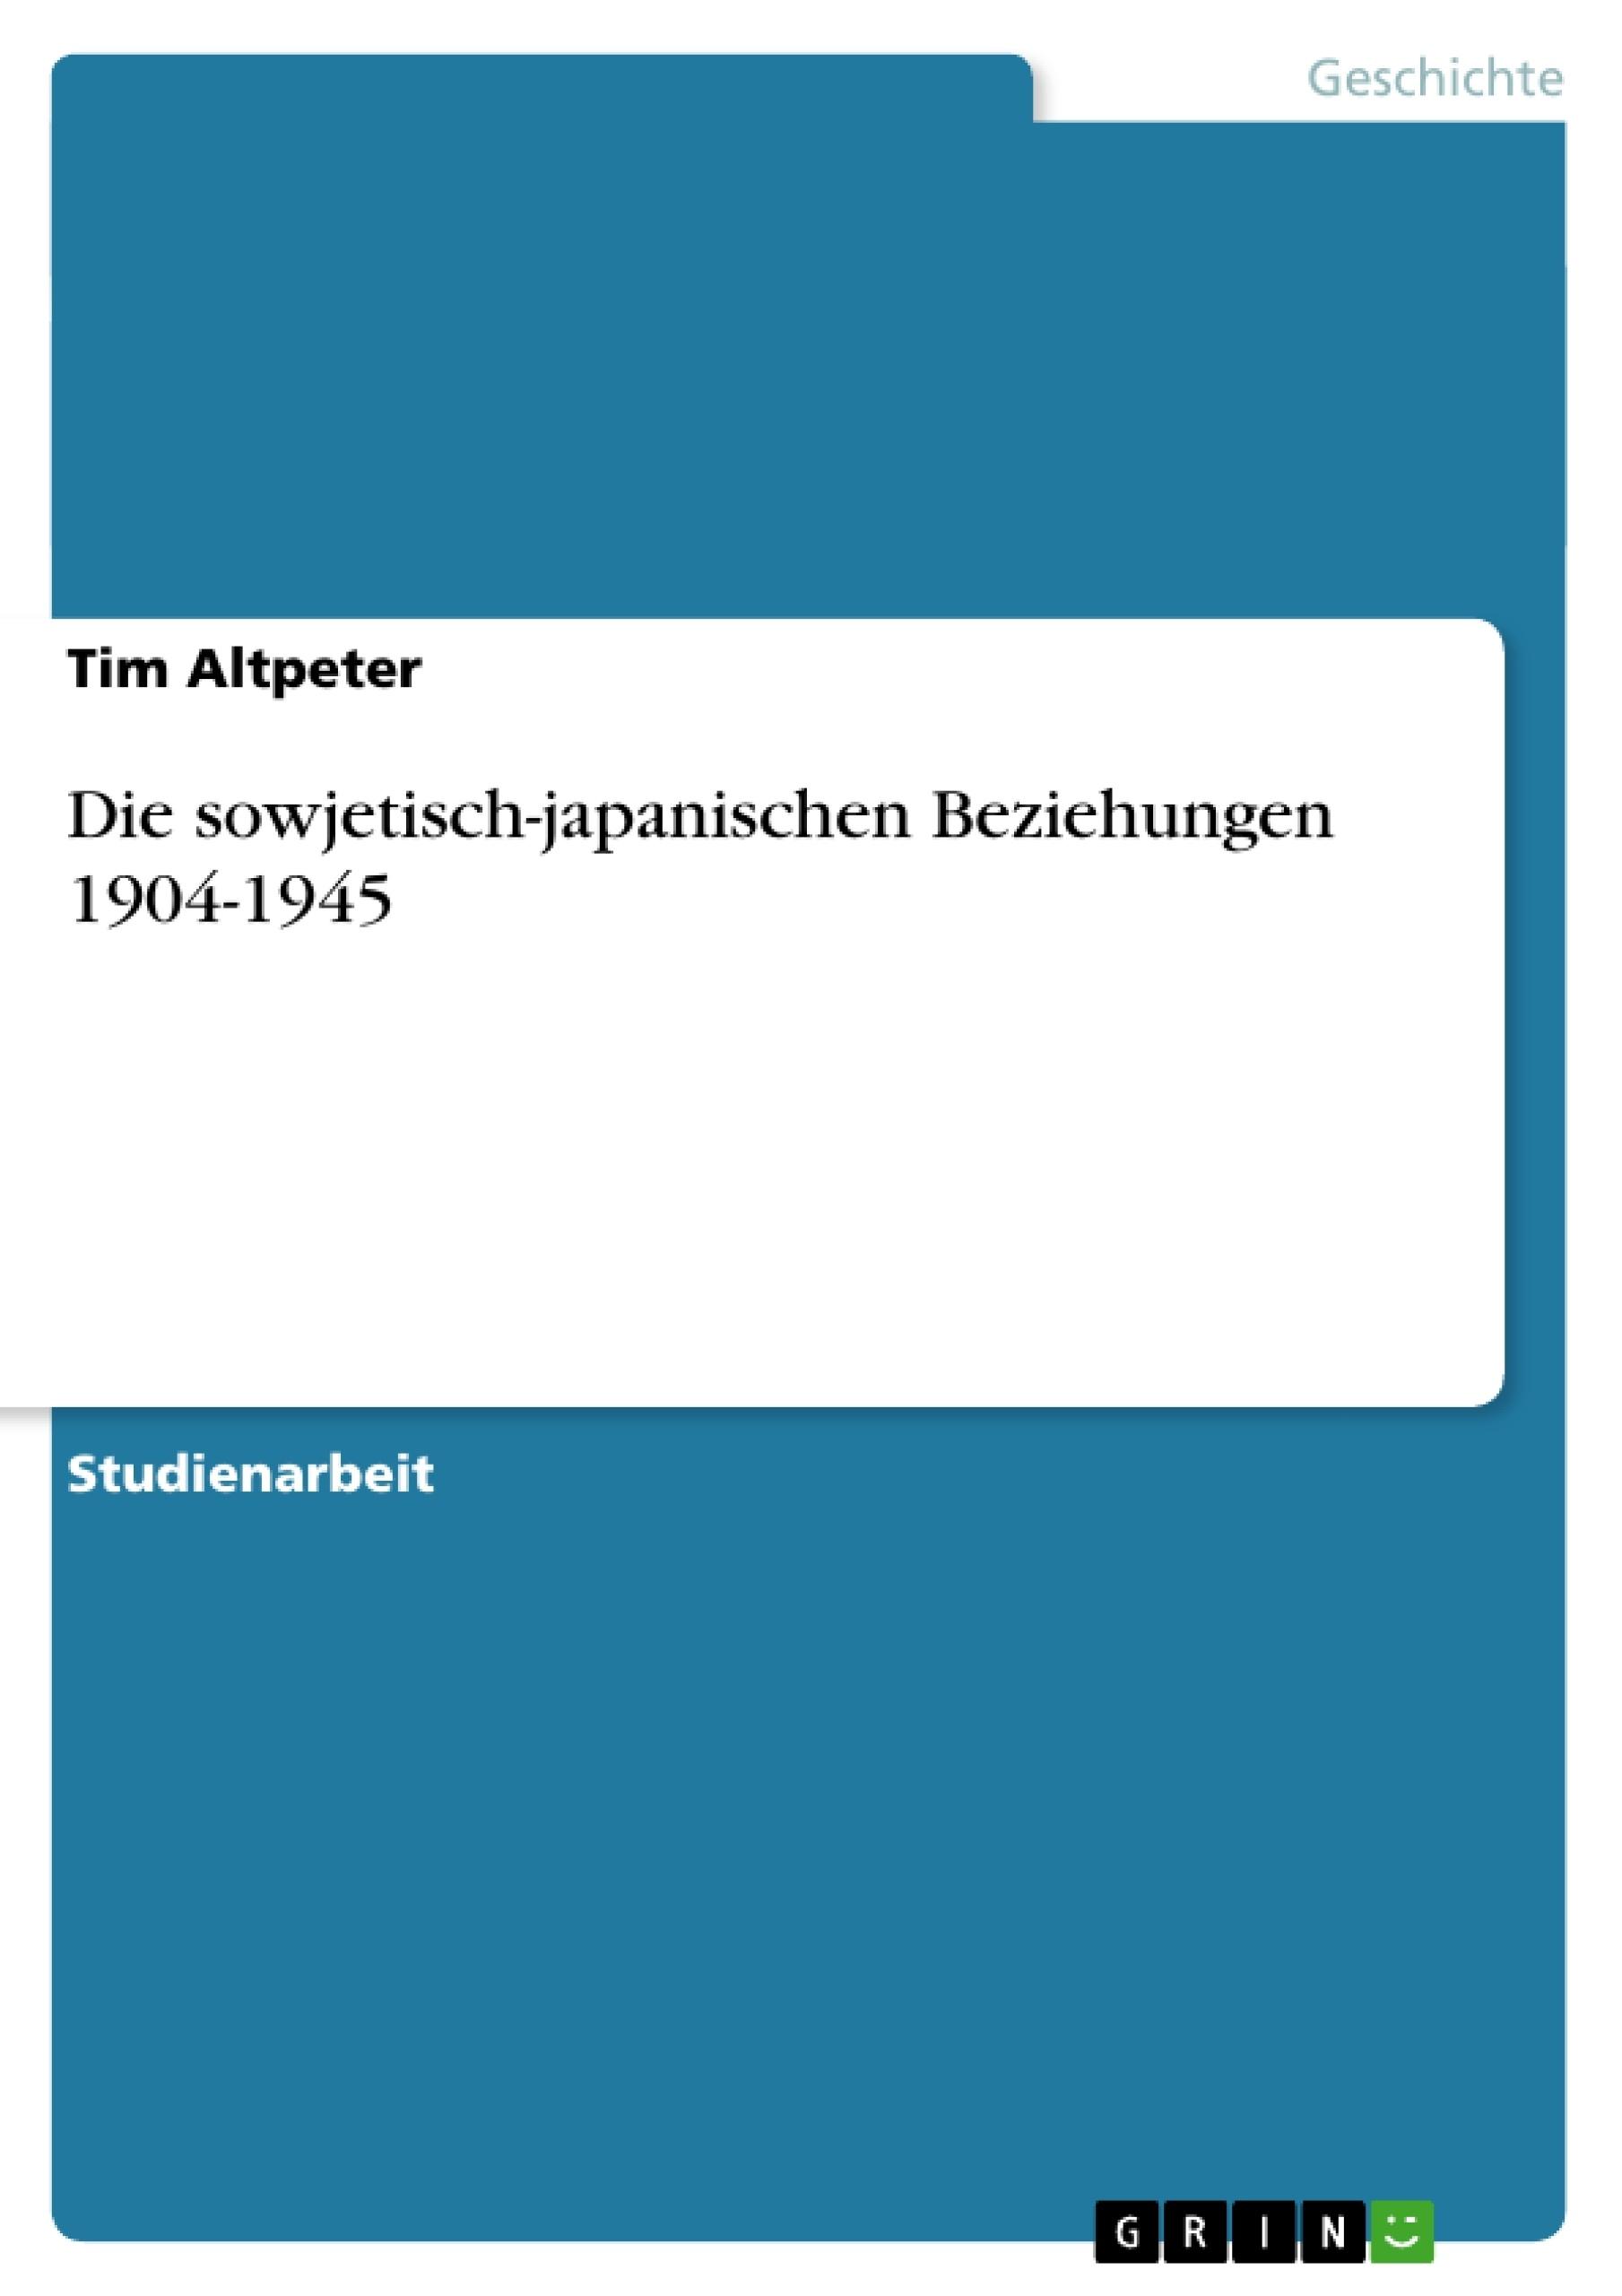 Titel: Die sowjetisch-japanischen Beziehungen 1904-1945